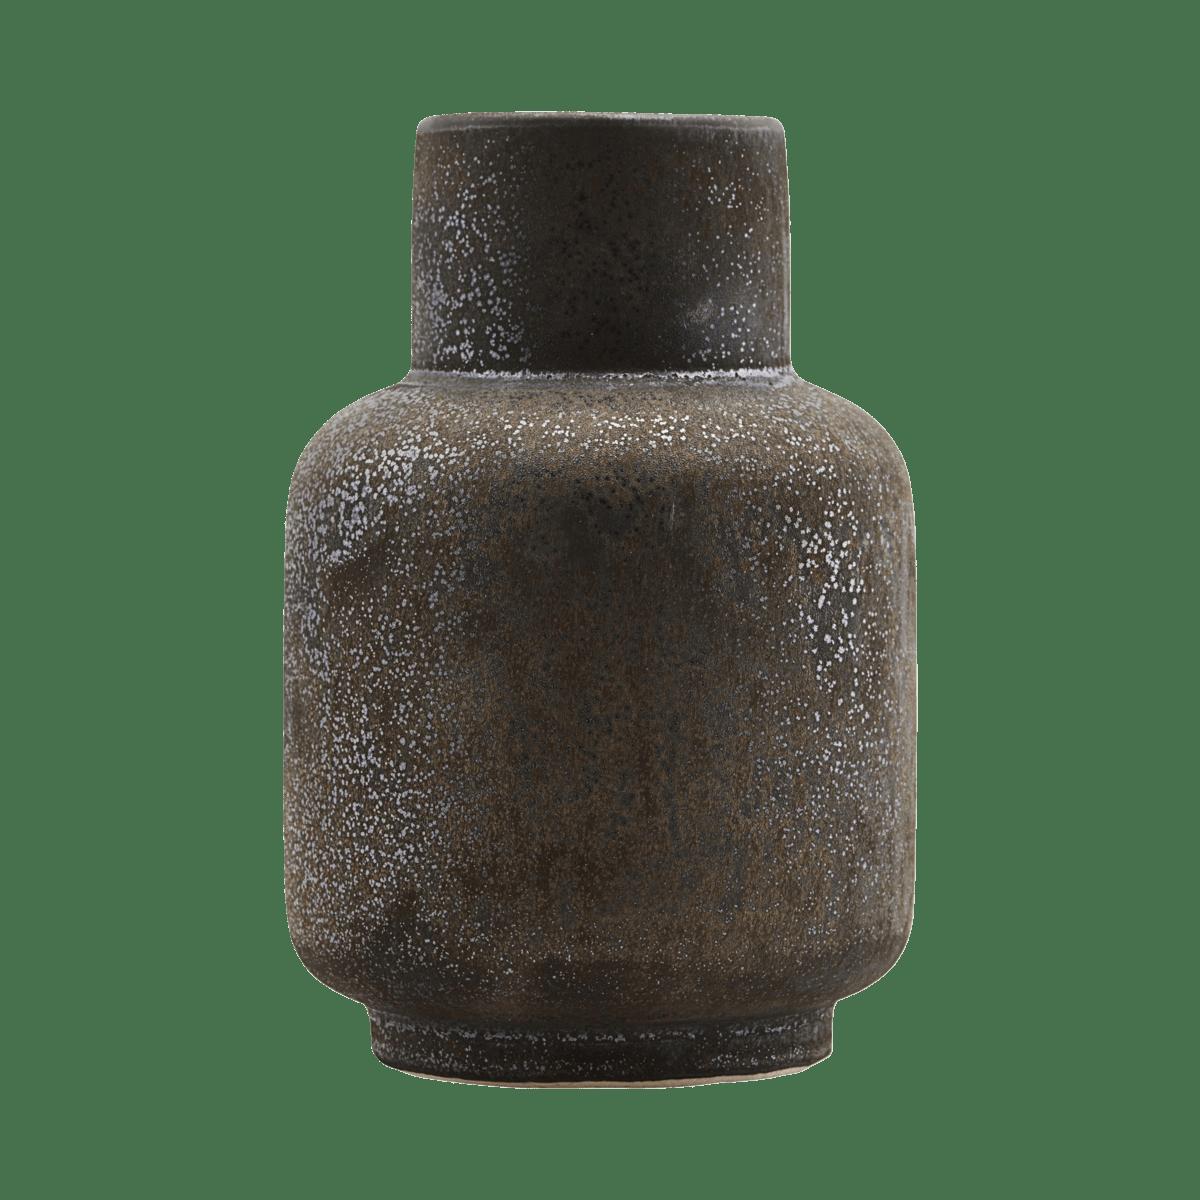 Sada 4 ks − Černá váza Ruka